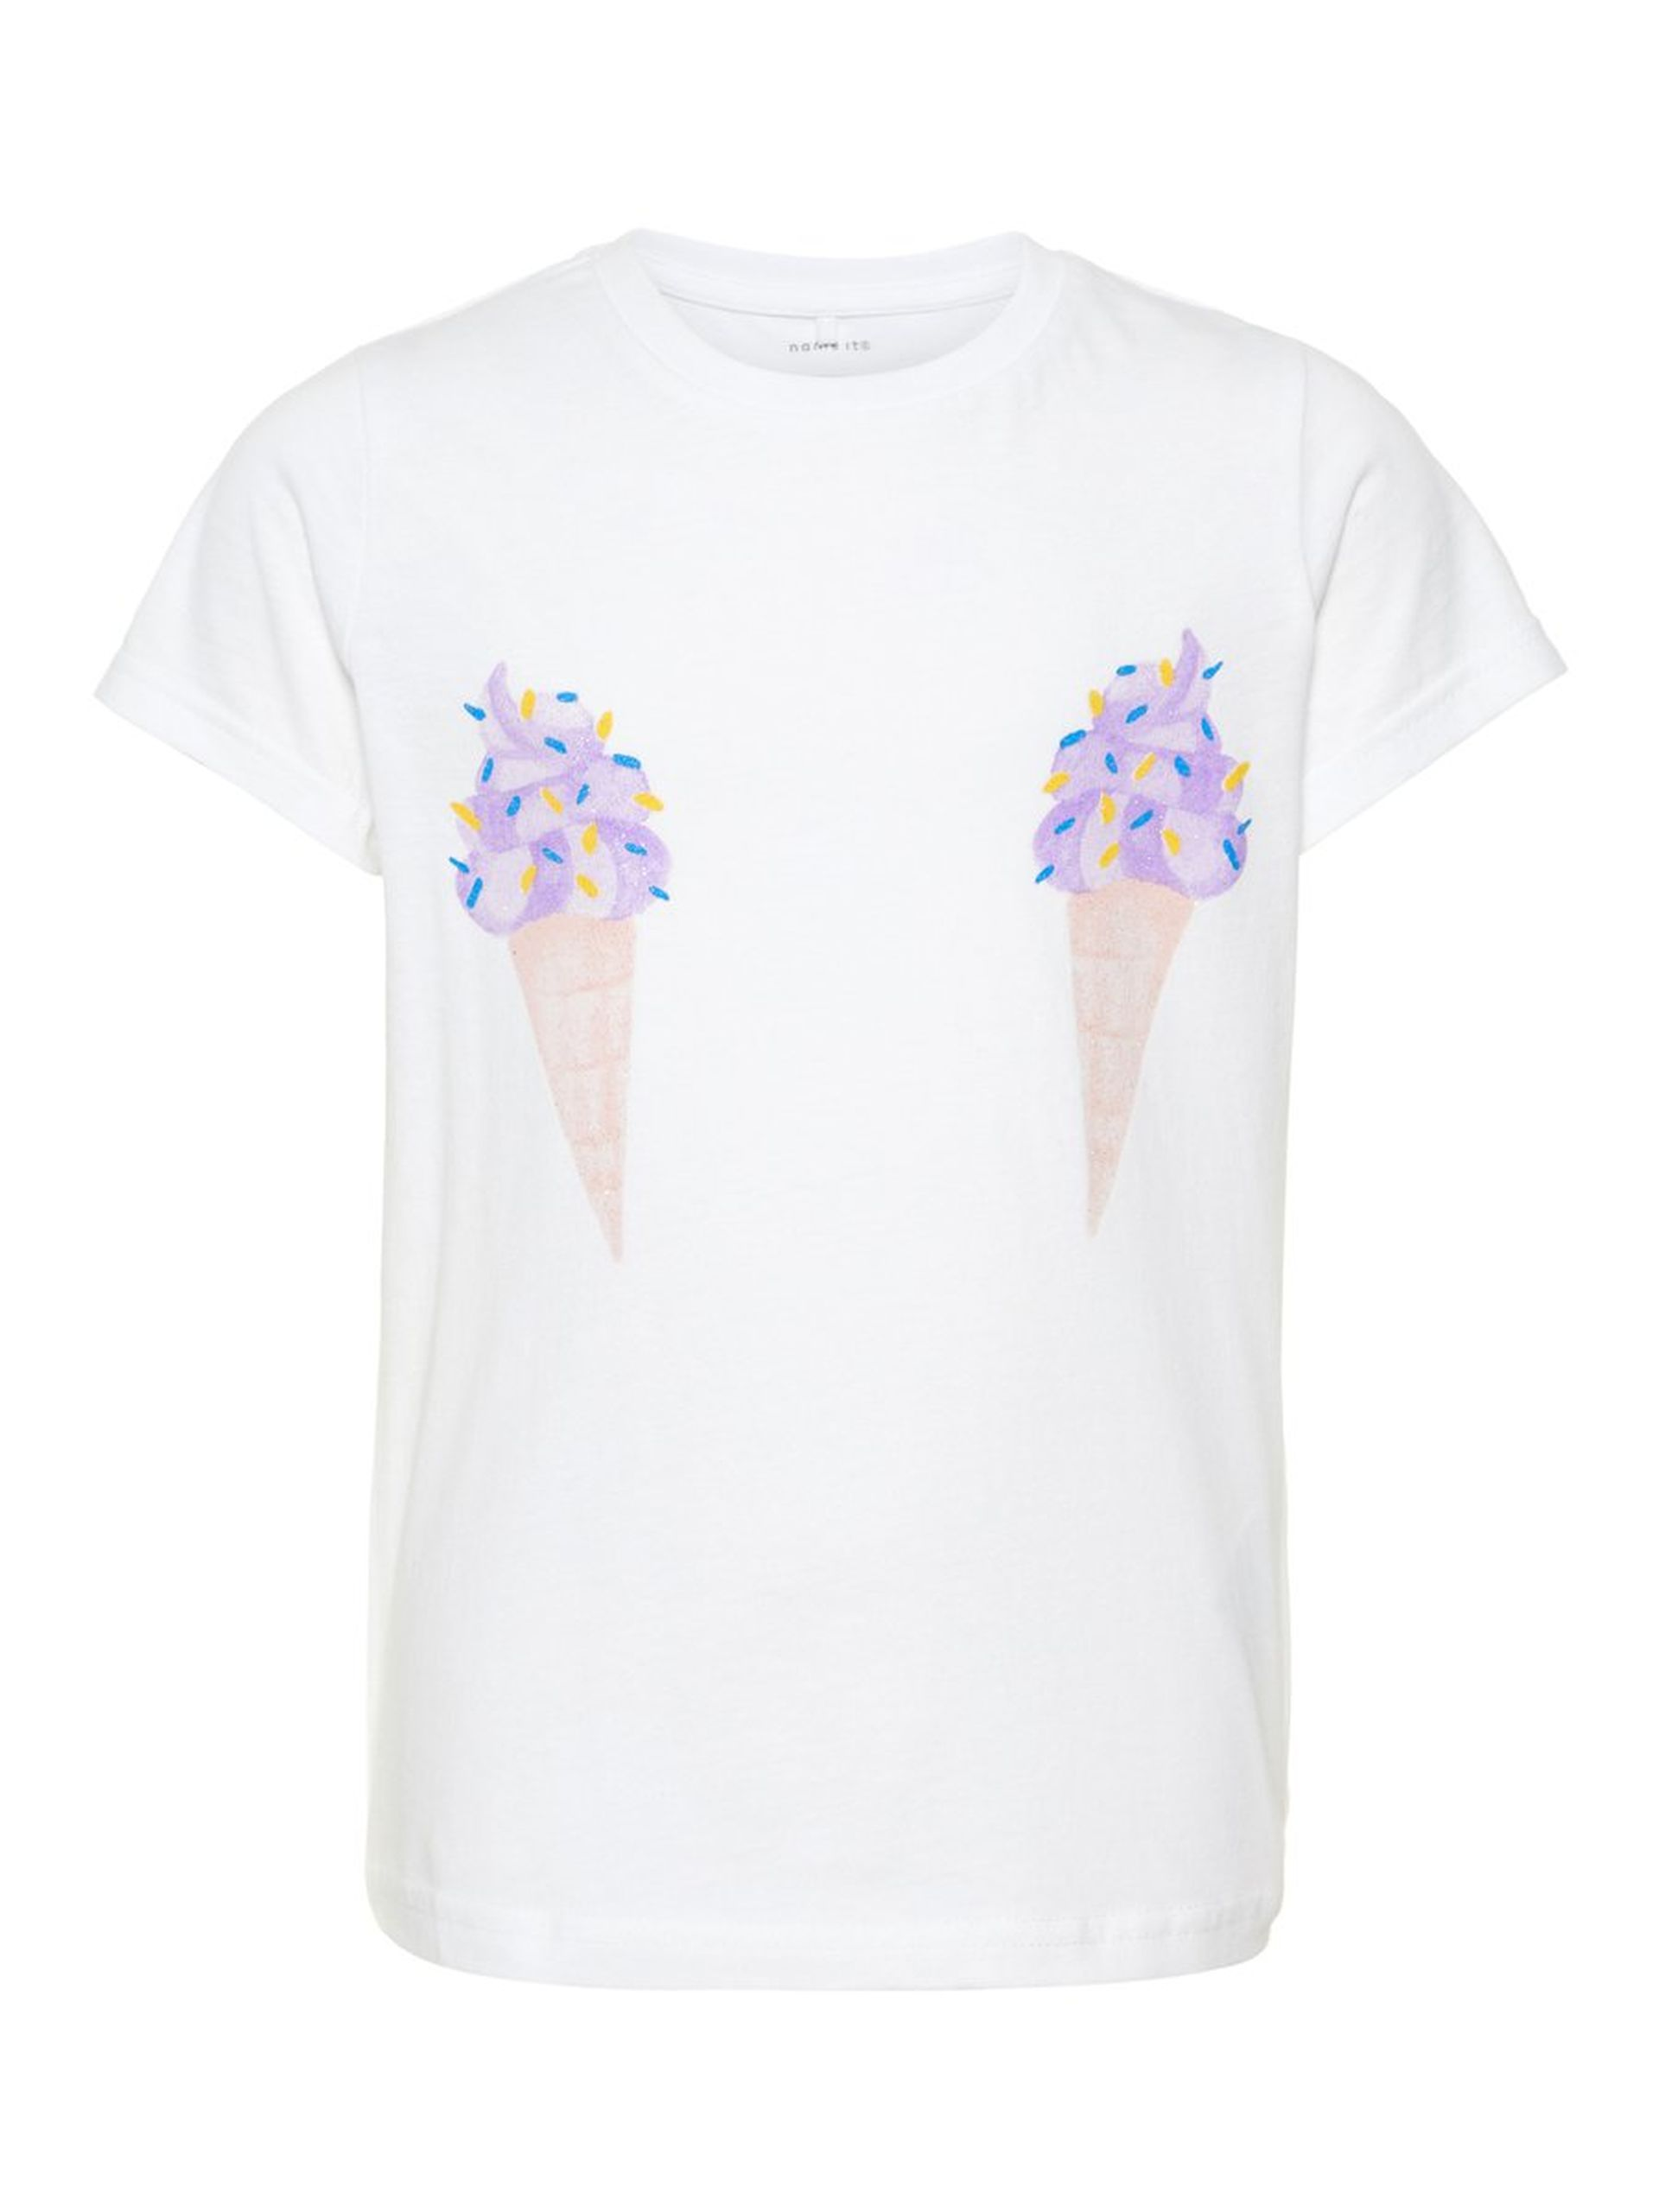 d1390824 Name It t-skjorte jente, hvit t-skjorte til barn fra Name It barneklær.